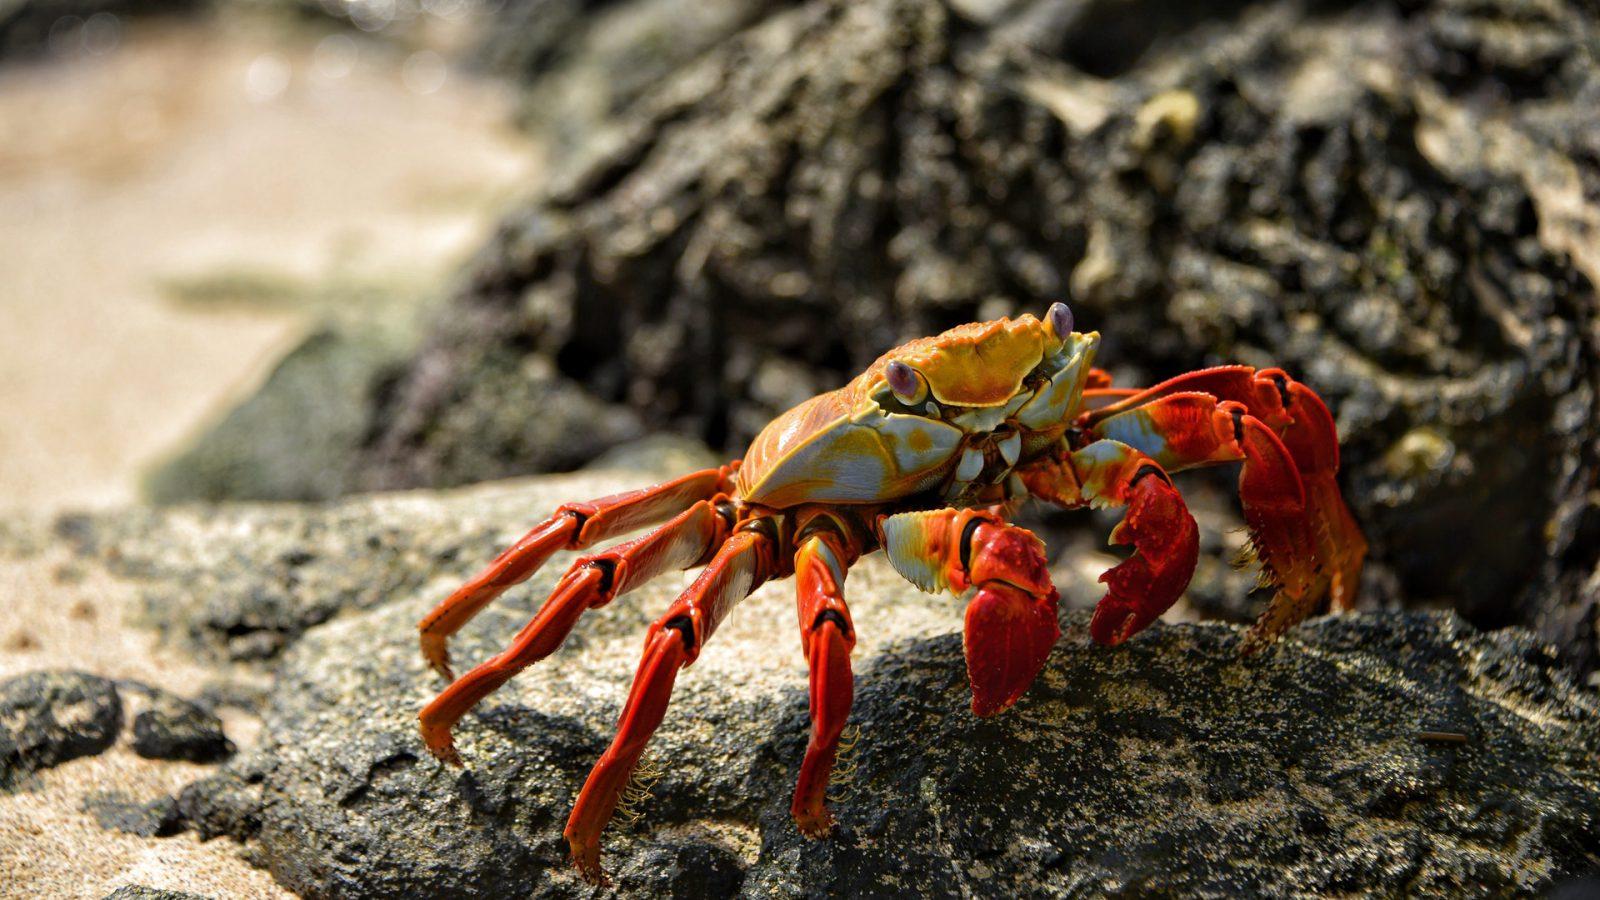 O caranguejo é um crustáceo invertebrado.